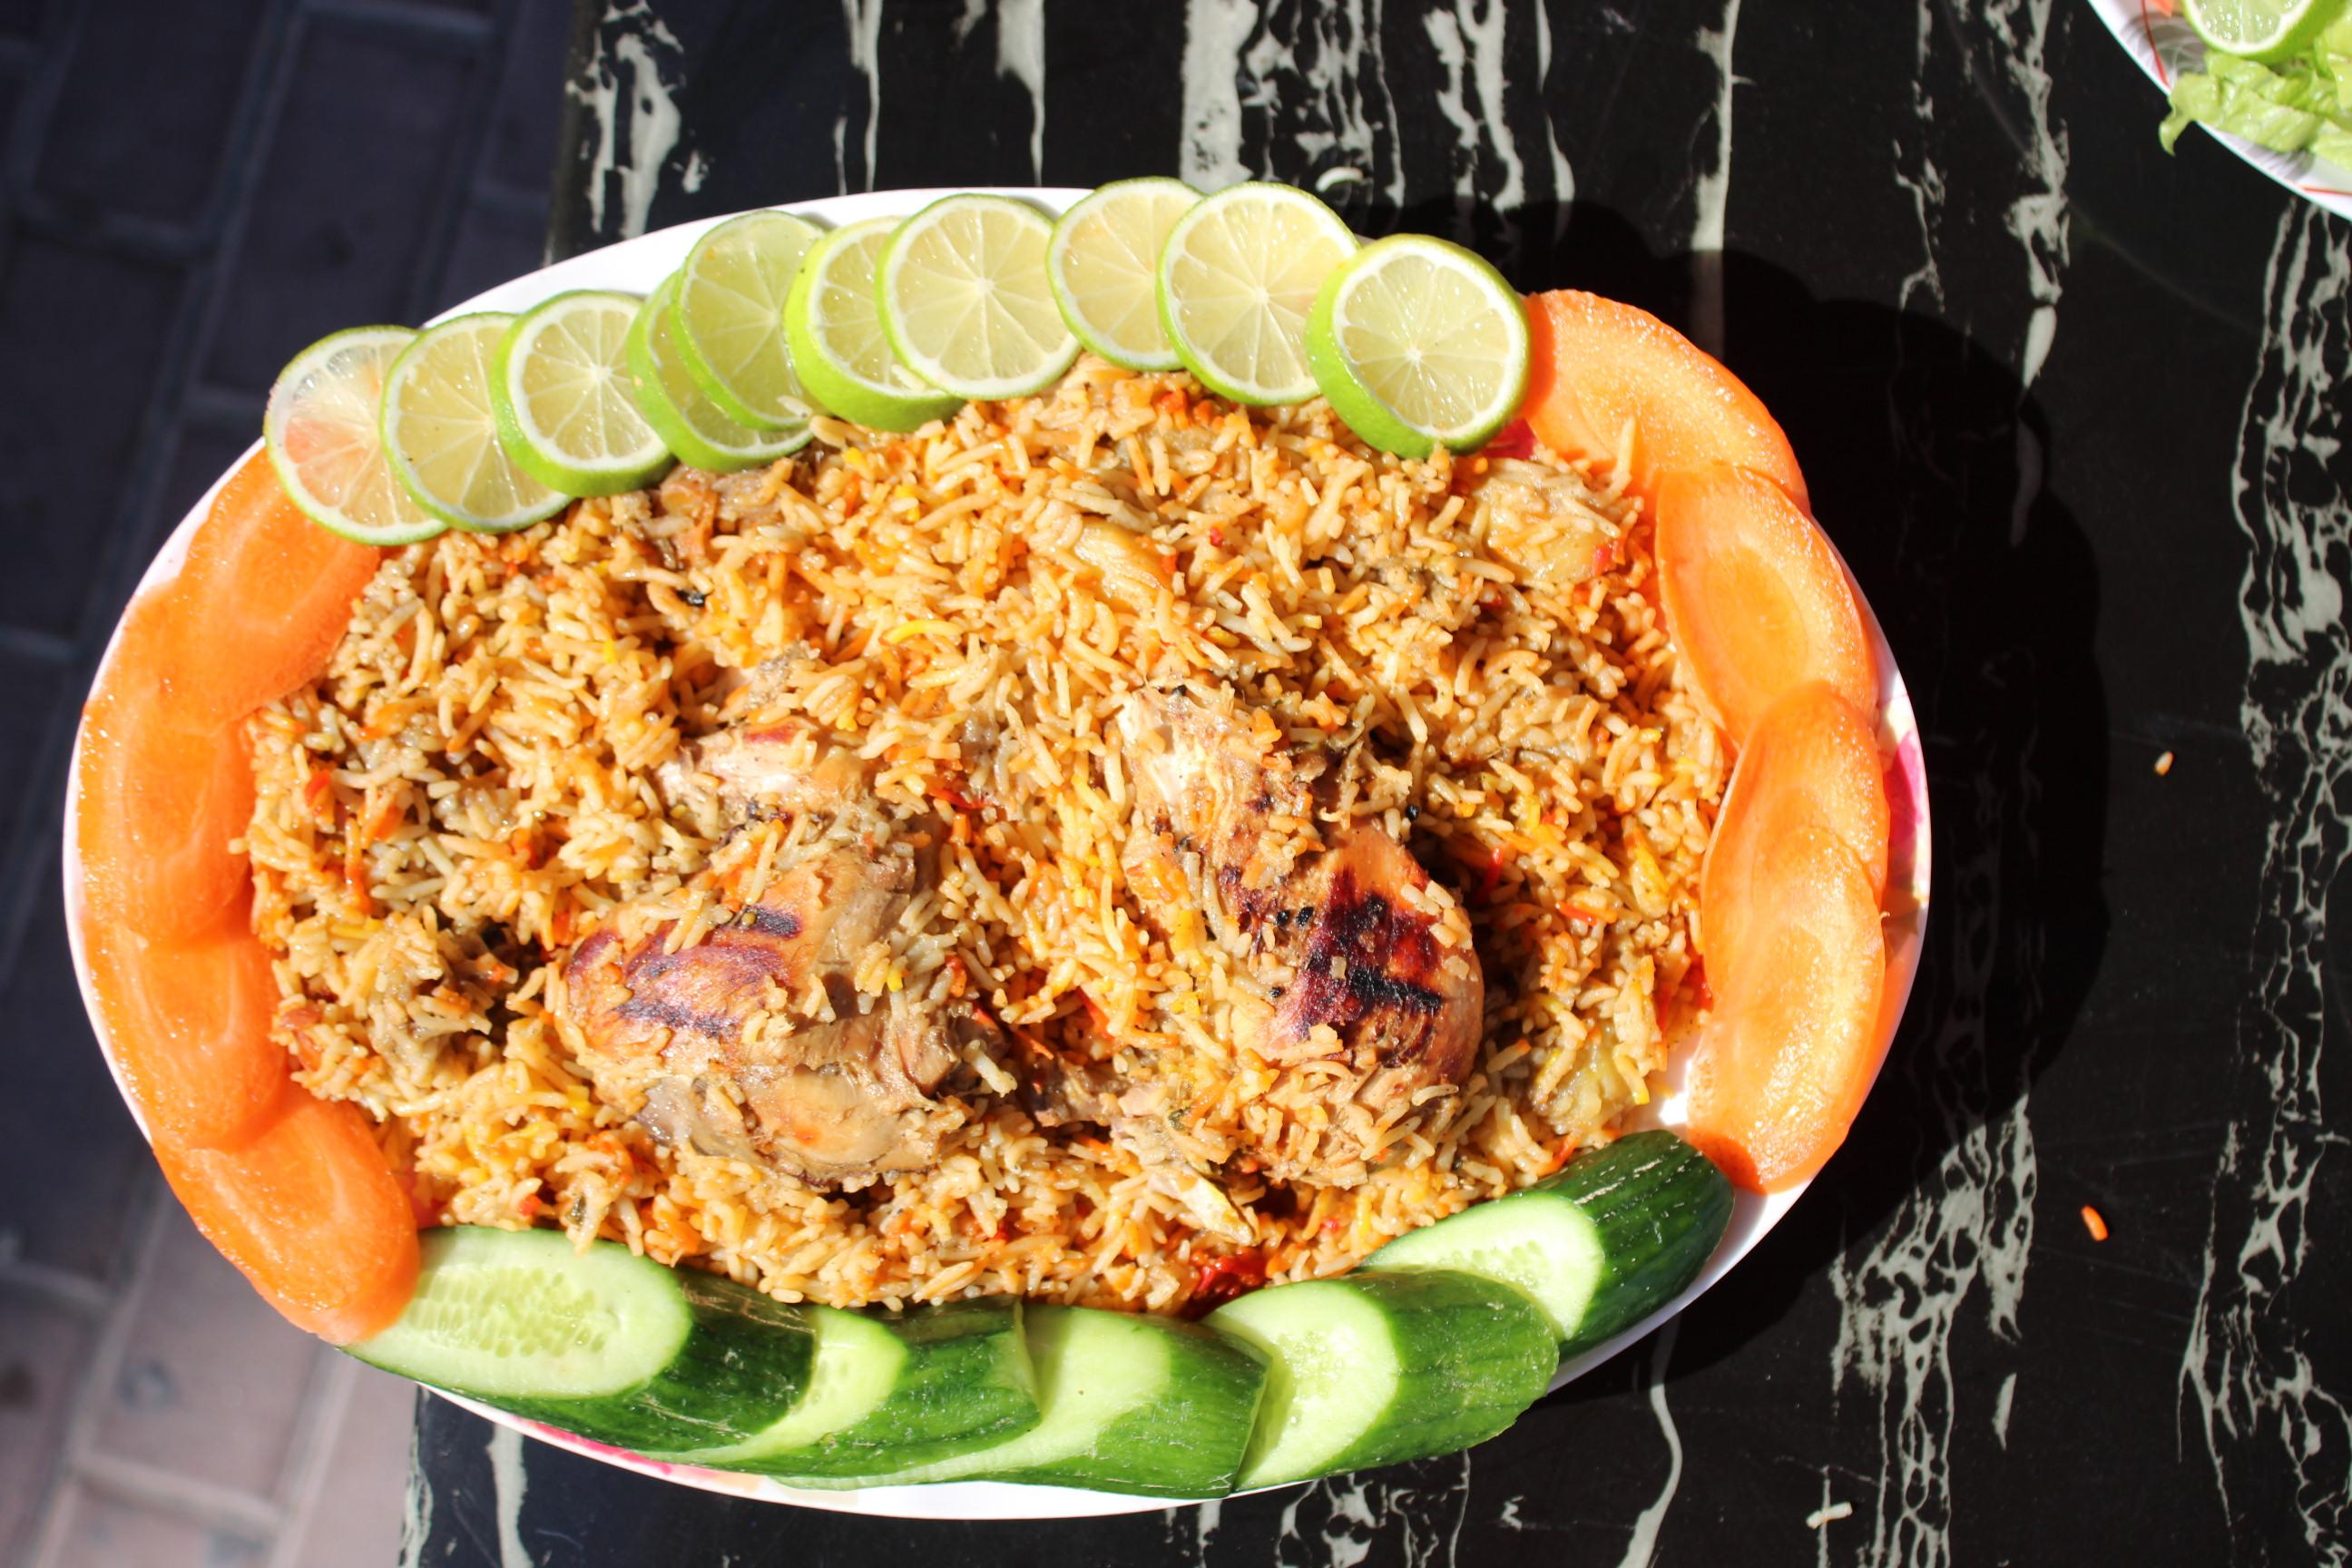 Chicken Zorbian زربيان الدجاج أكلة يمنية شهية وجميلة